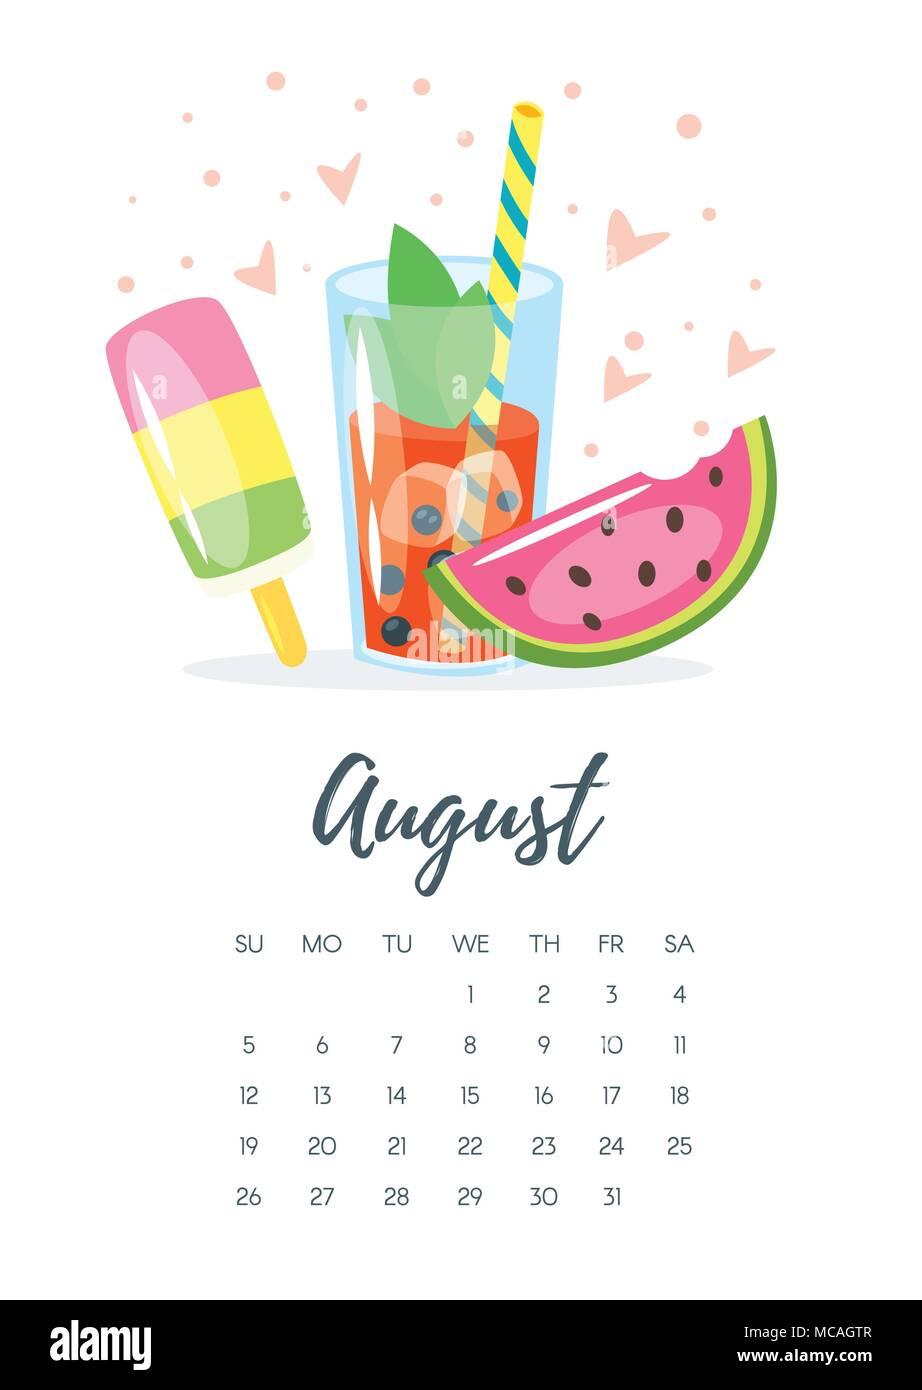 Vektor Cartoon Stil Abbildung: August 2018 Kalender Seite mit Eis ...